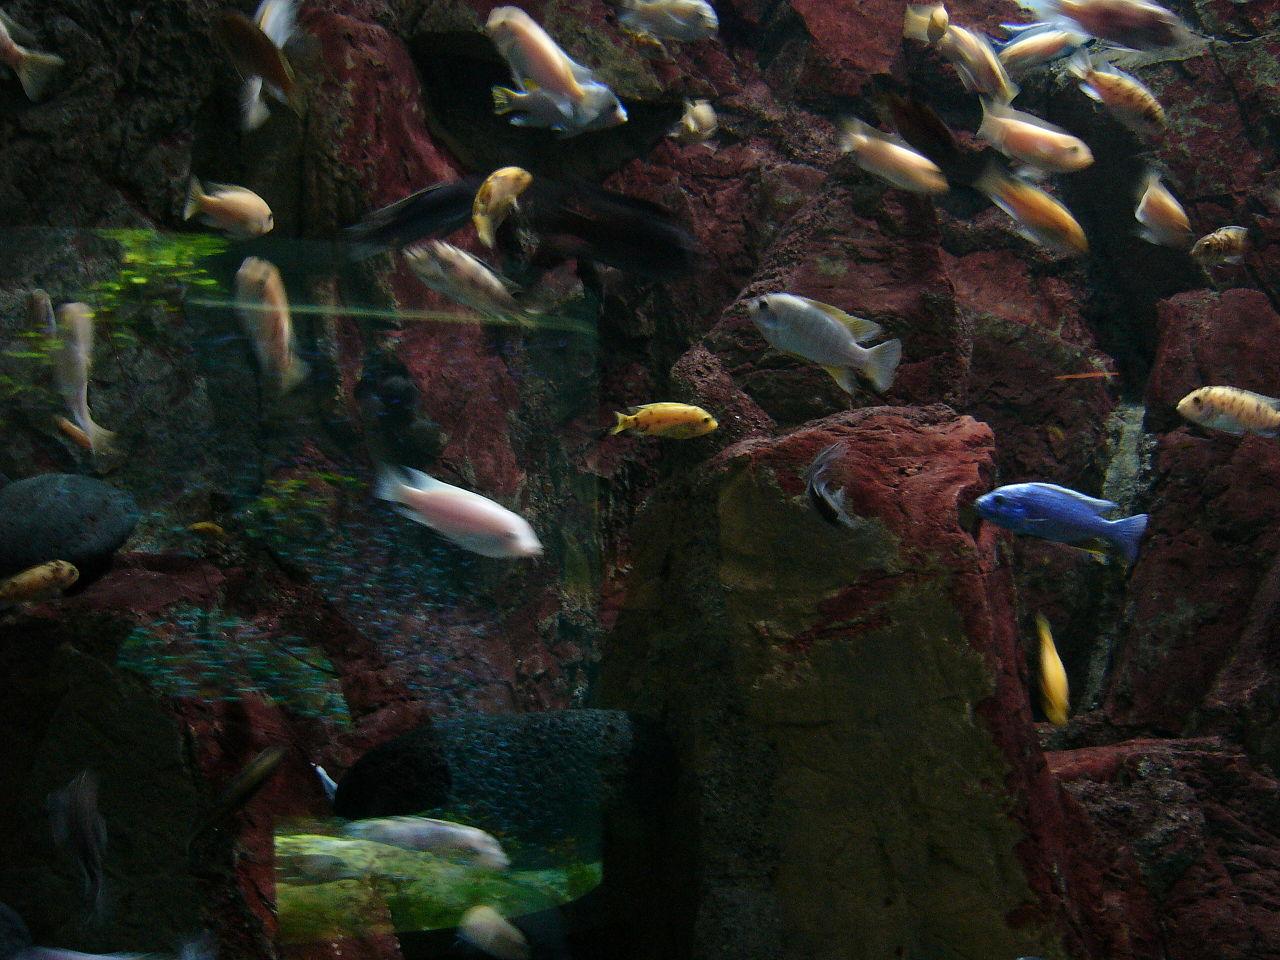 List of freshwater aquarium invertebrate species